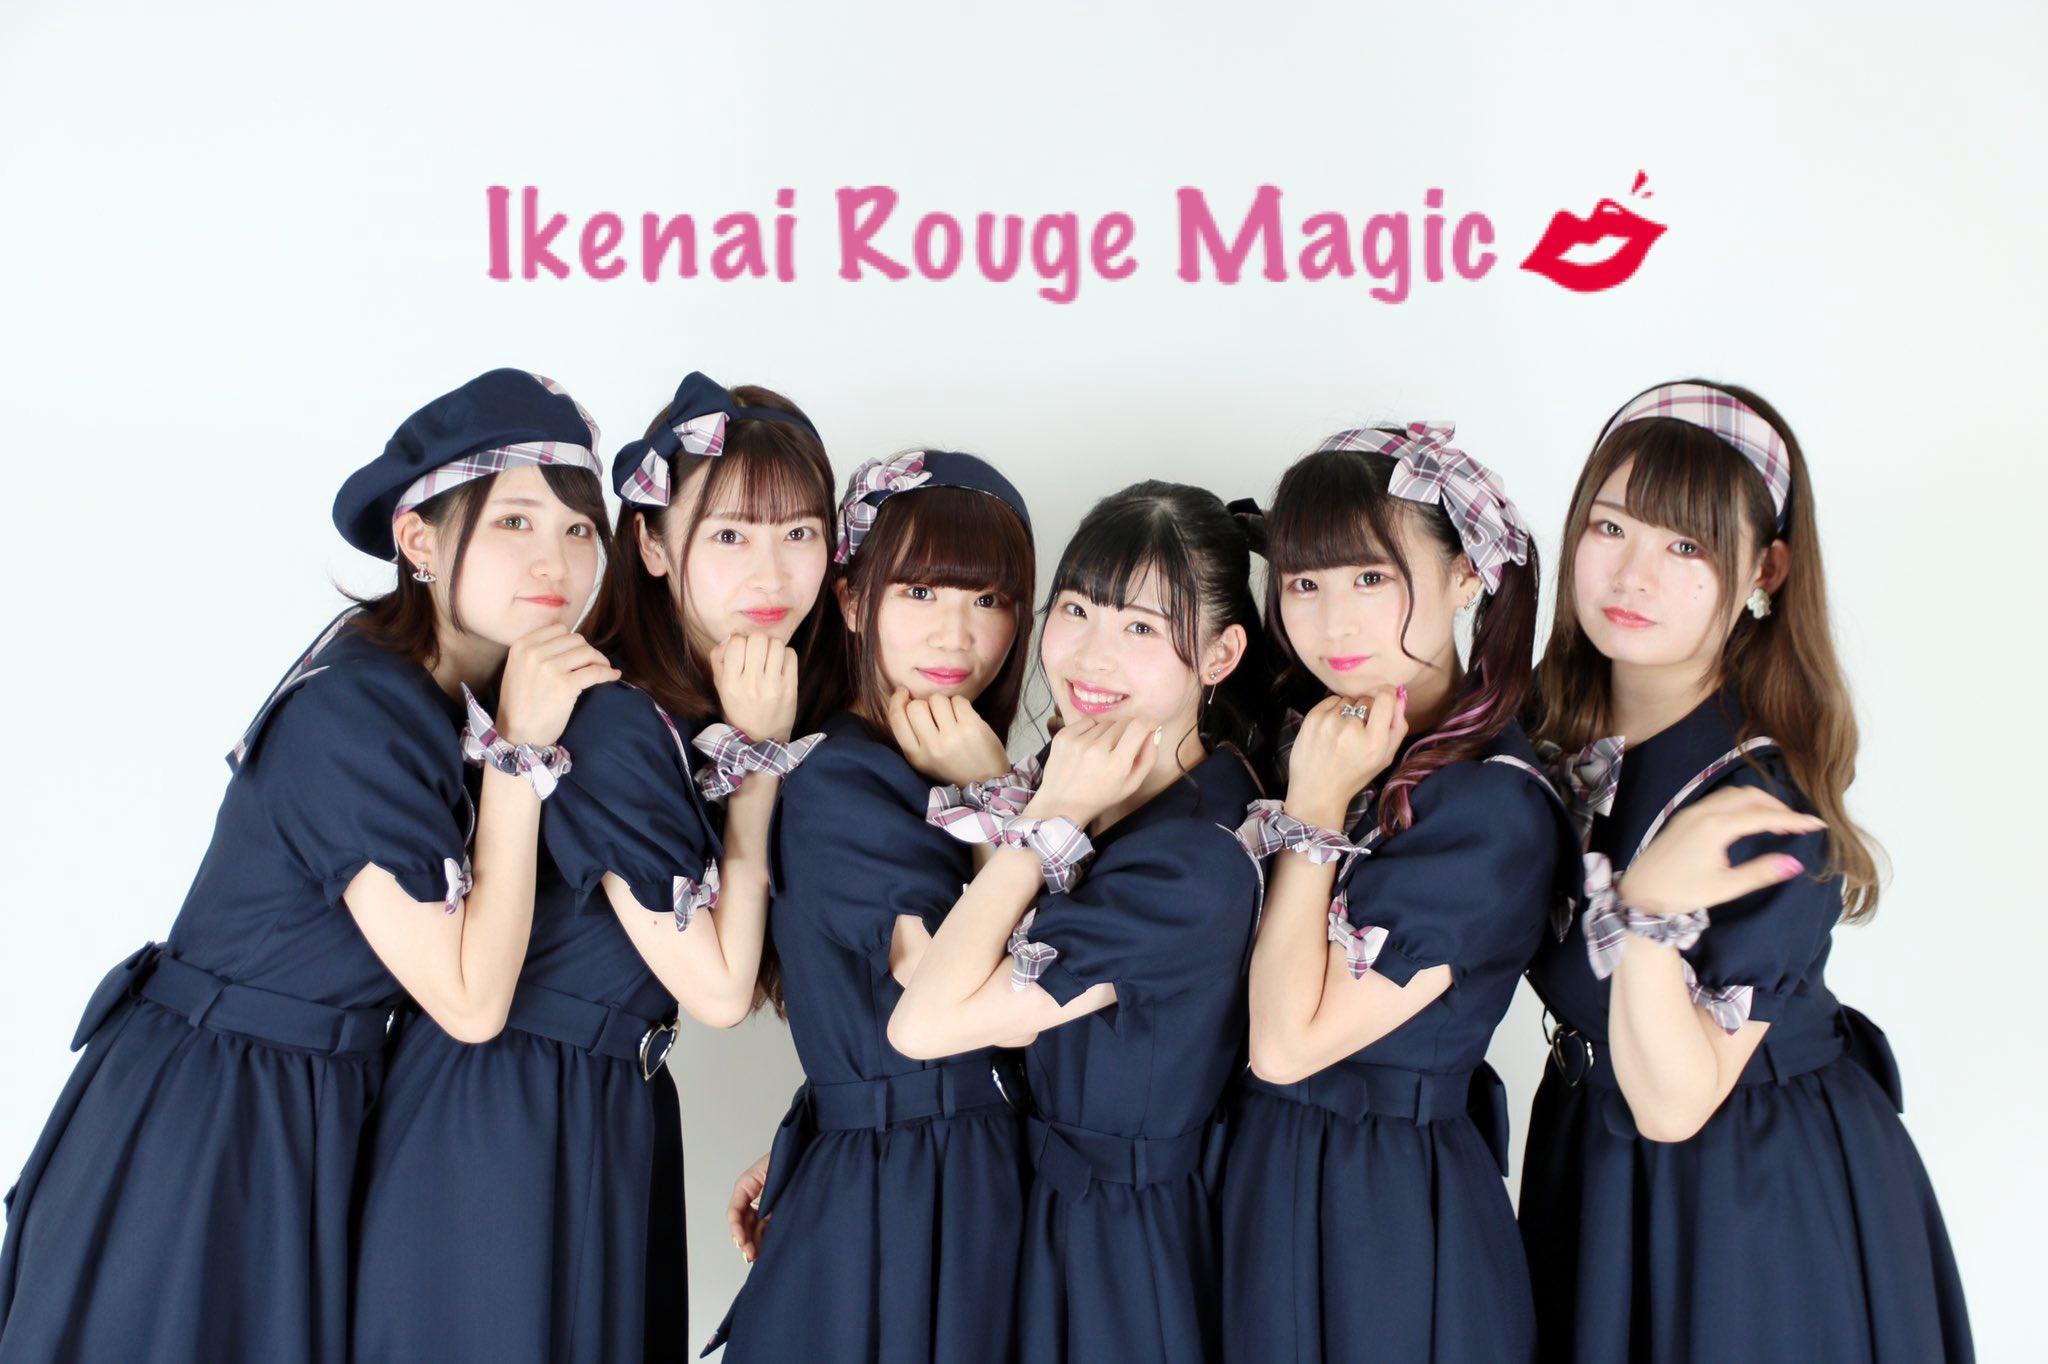 新アイドルIkenai Rouge Magicデビュー衣装♪